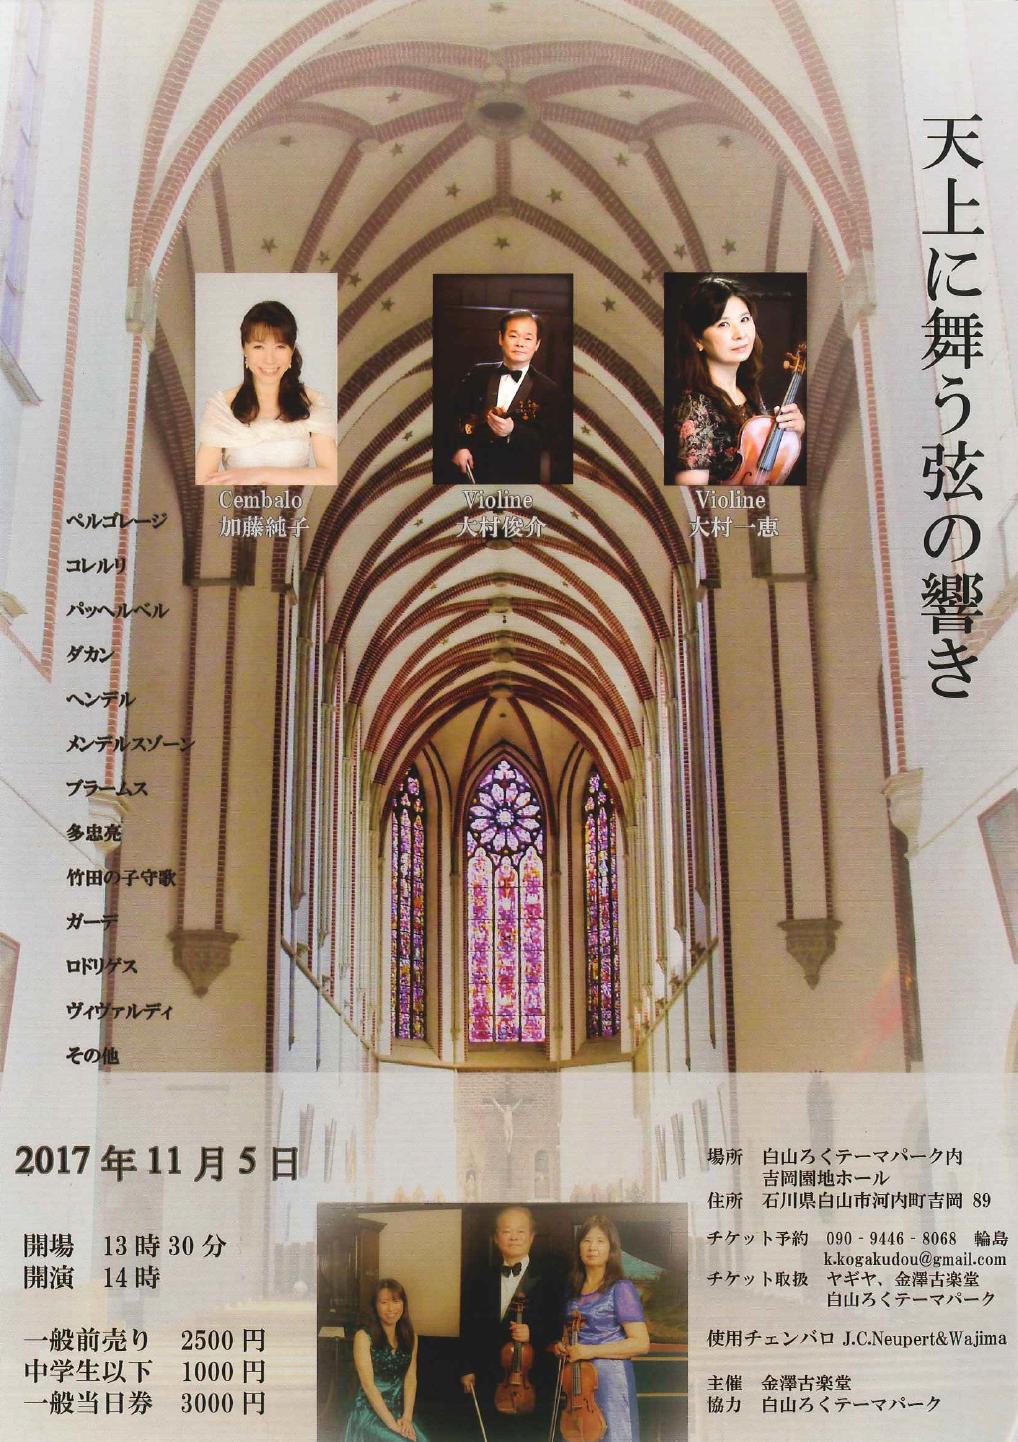 チェンバロコンサート2017